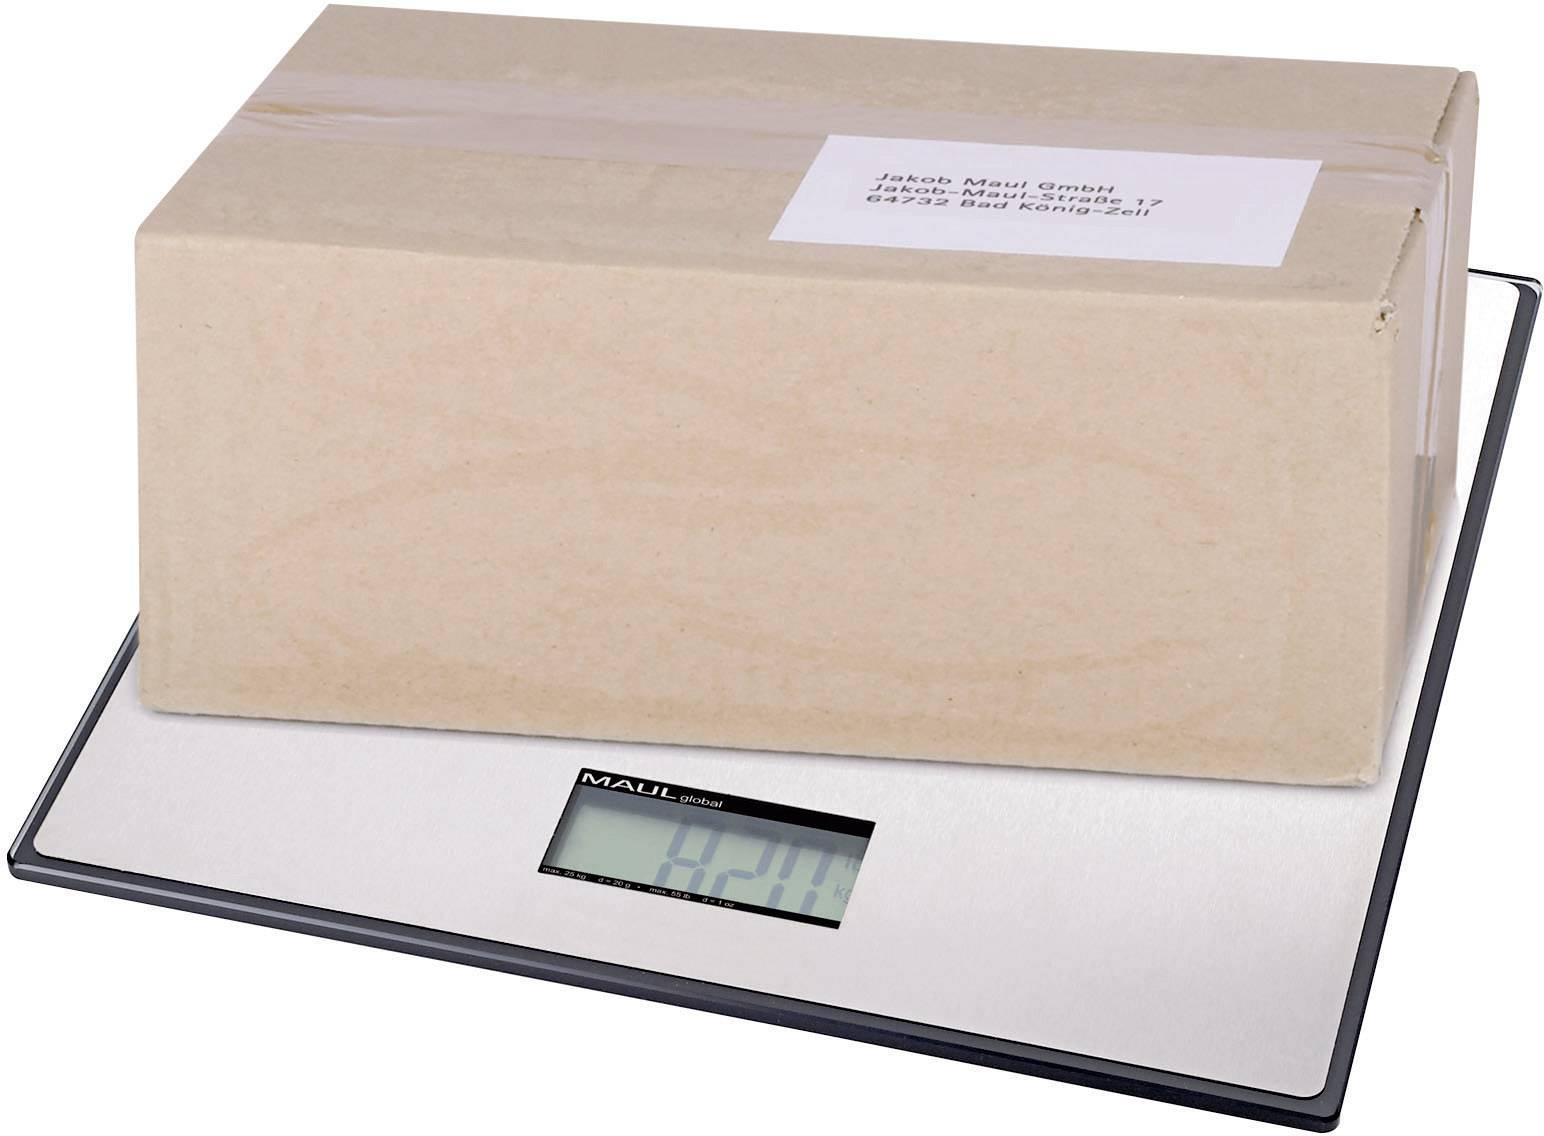 Balíková váha Maul MAULglobal 17150, max.váživosť 50 kg, strieborná